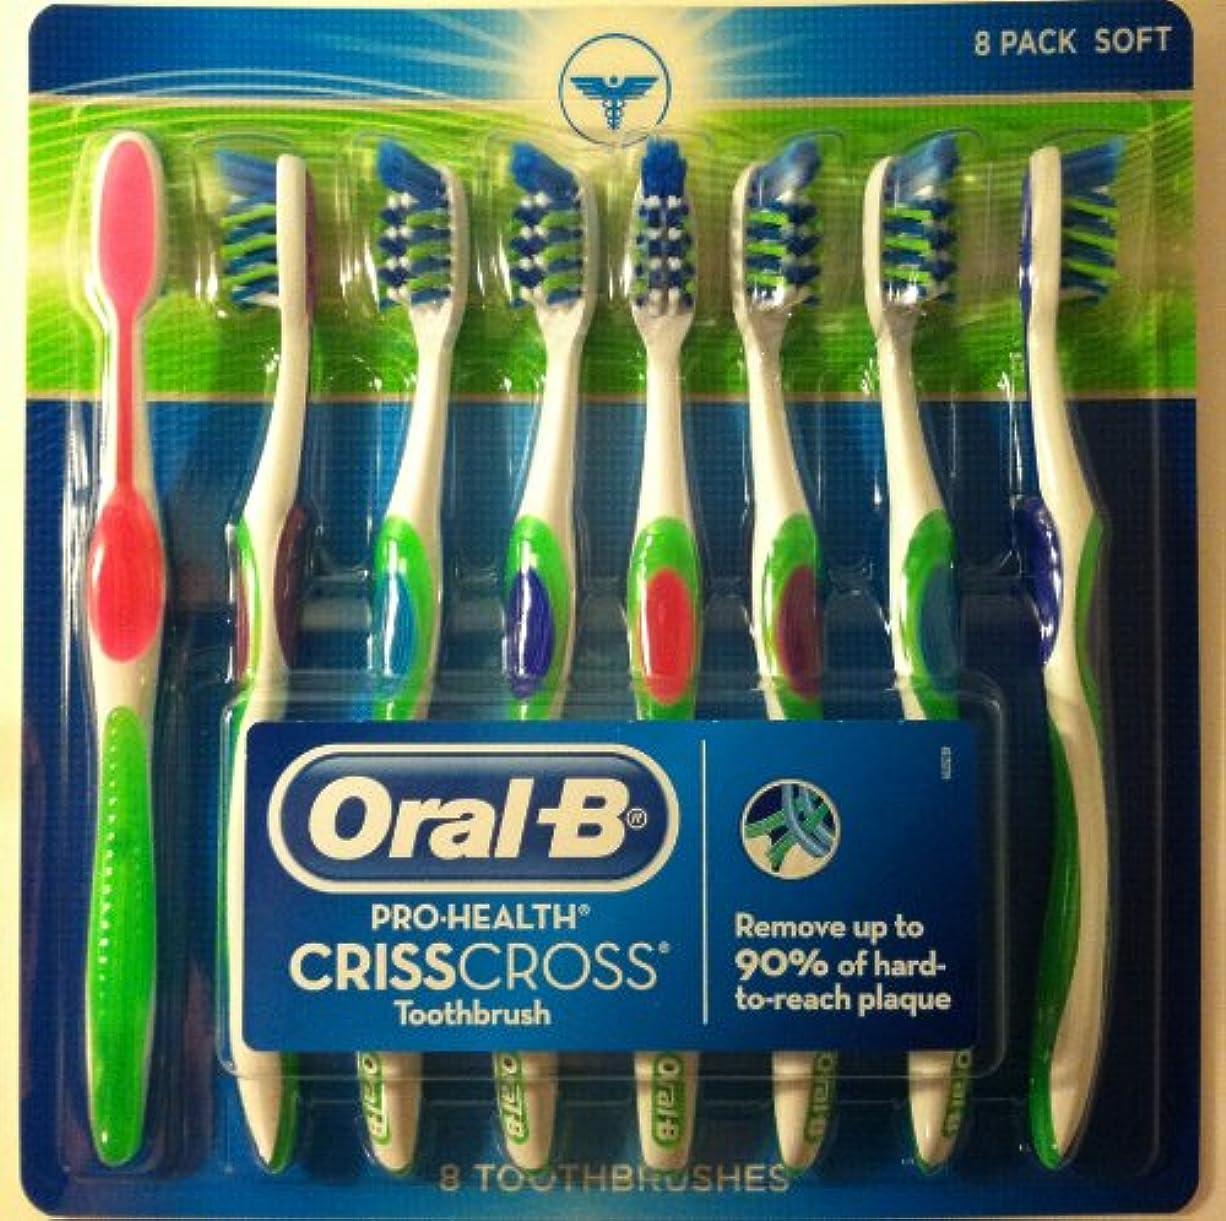 恥ずかしさ代わってマッシュ【歯垢をかきだす歯ブラシ】ORAL B® ADVANTAGE CRISSCROSS TOOTHBRUSH - SOFT 8本 歯ブラシ